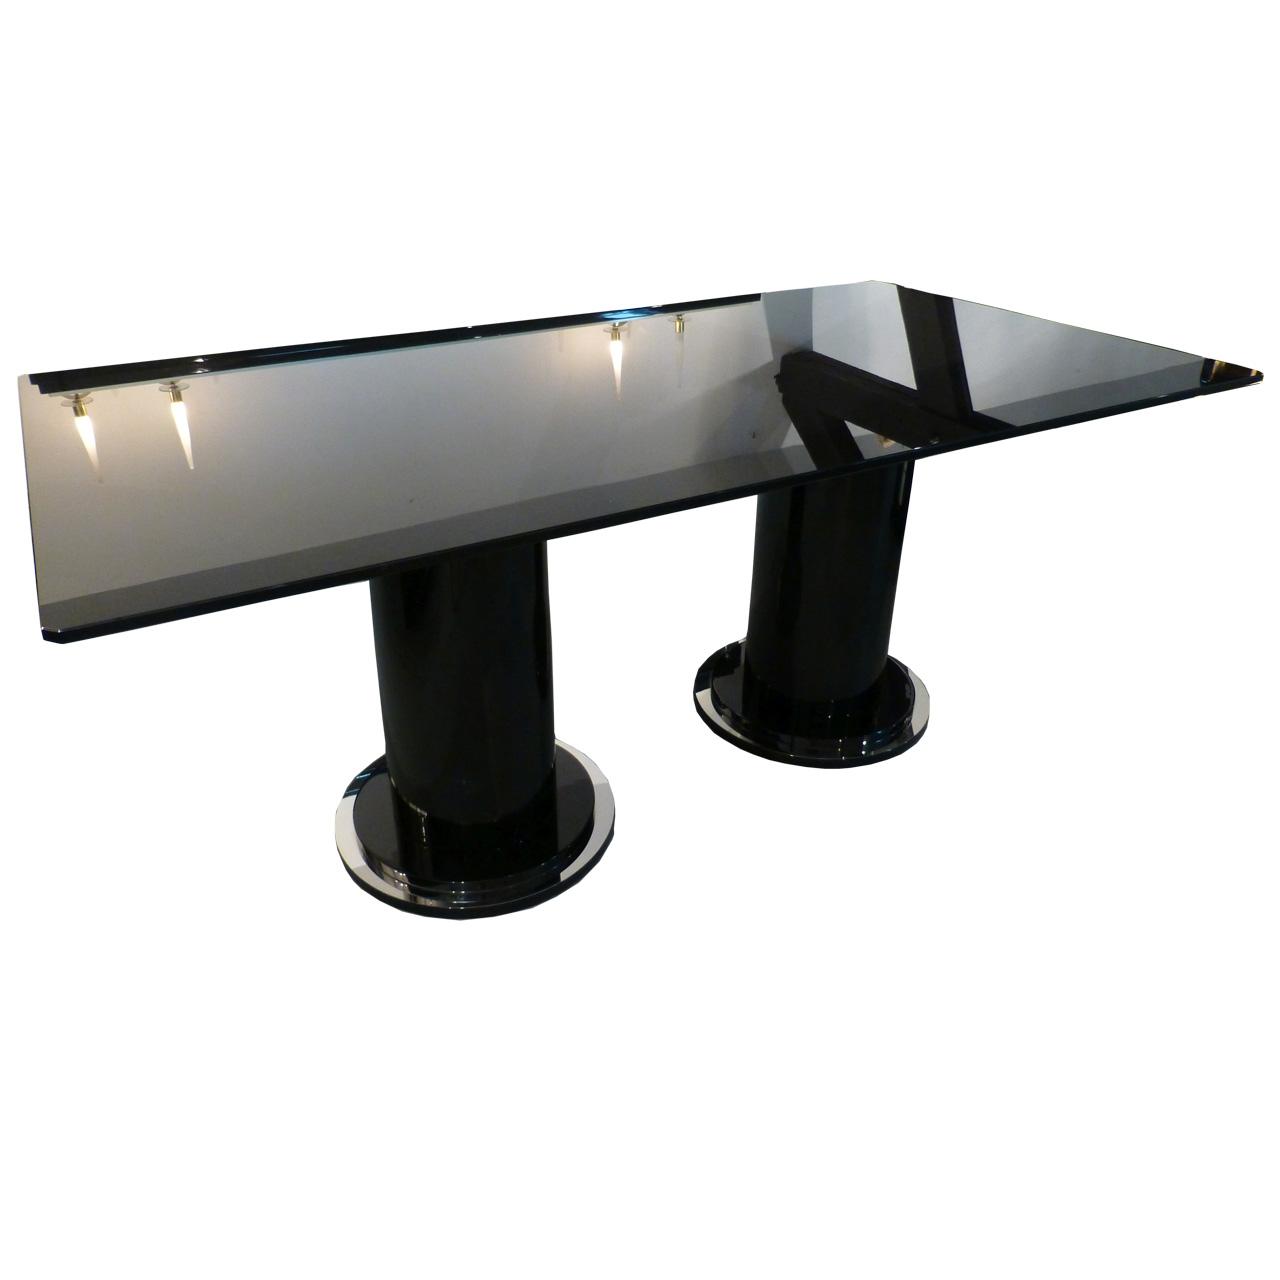 3309 Art Deco Tisch 95 cm  x 180 cm mit Glasplatte aus schwarzem Glas 15 mm stark